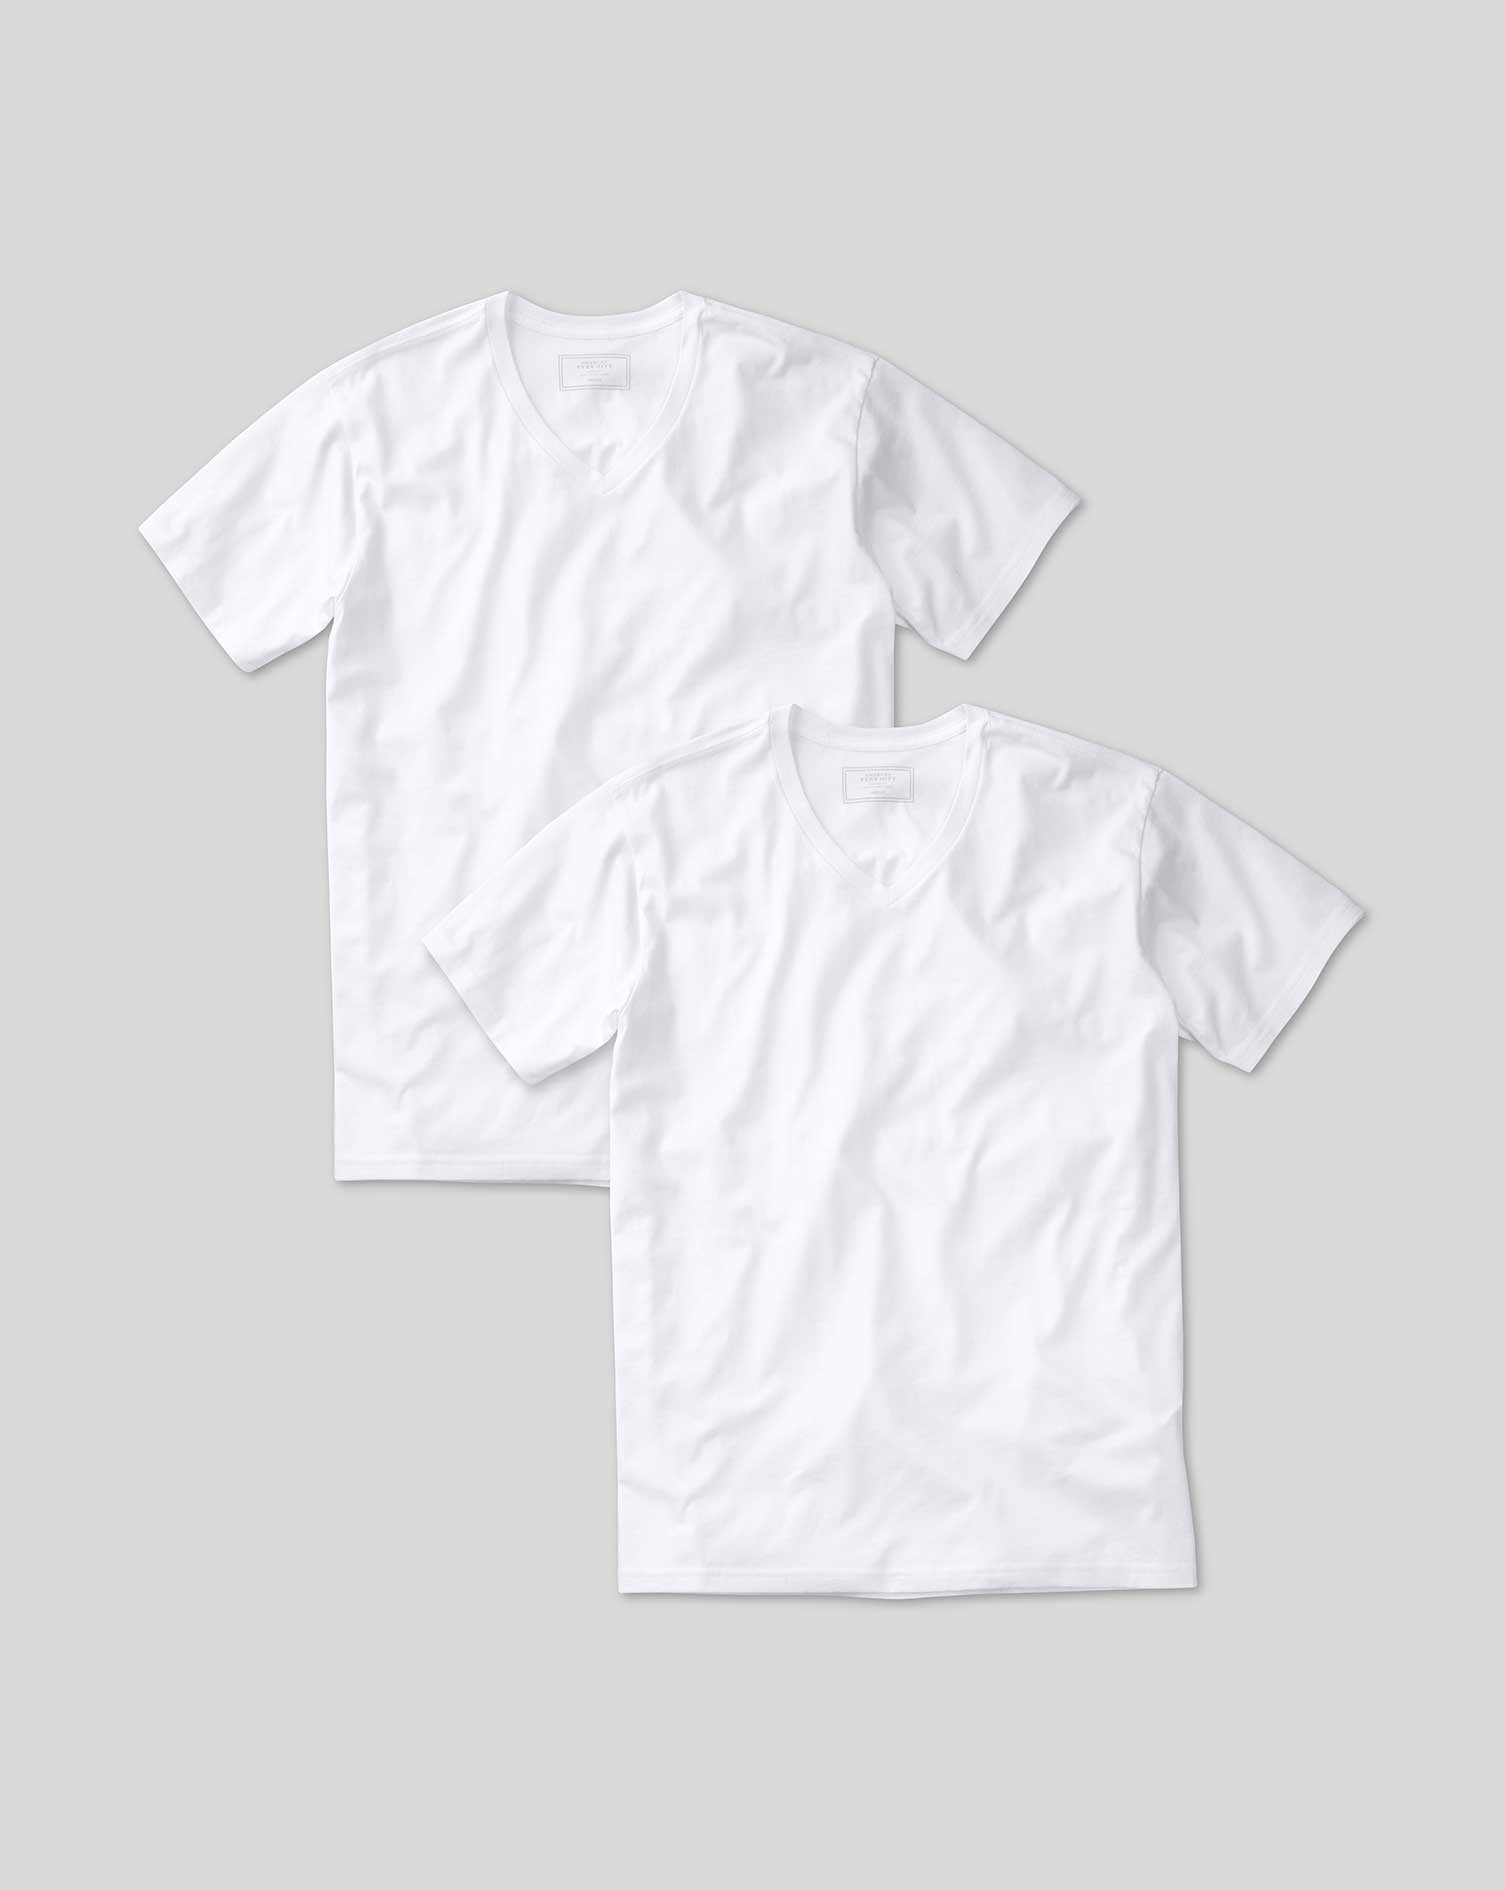 Image of Charles Tyrwhitt 2 Pack V-Neck Undershirt T-Shirt - White Size Medium by Charles Tyrwhitt